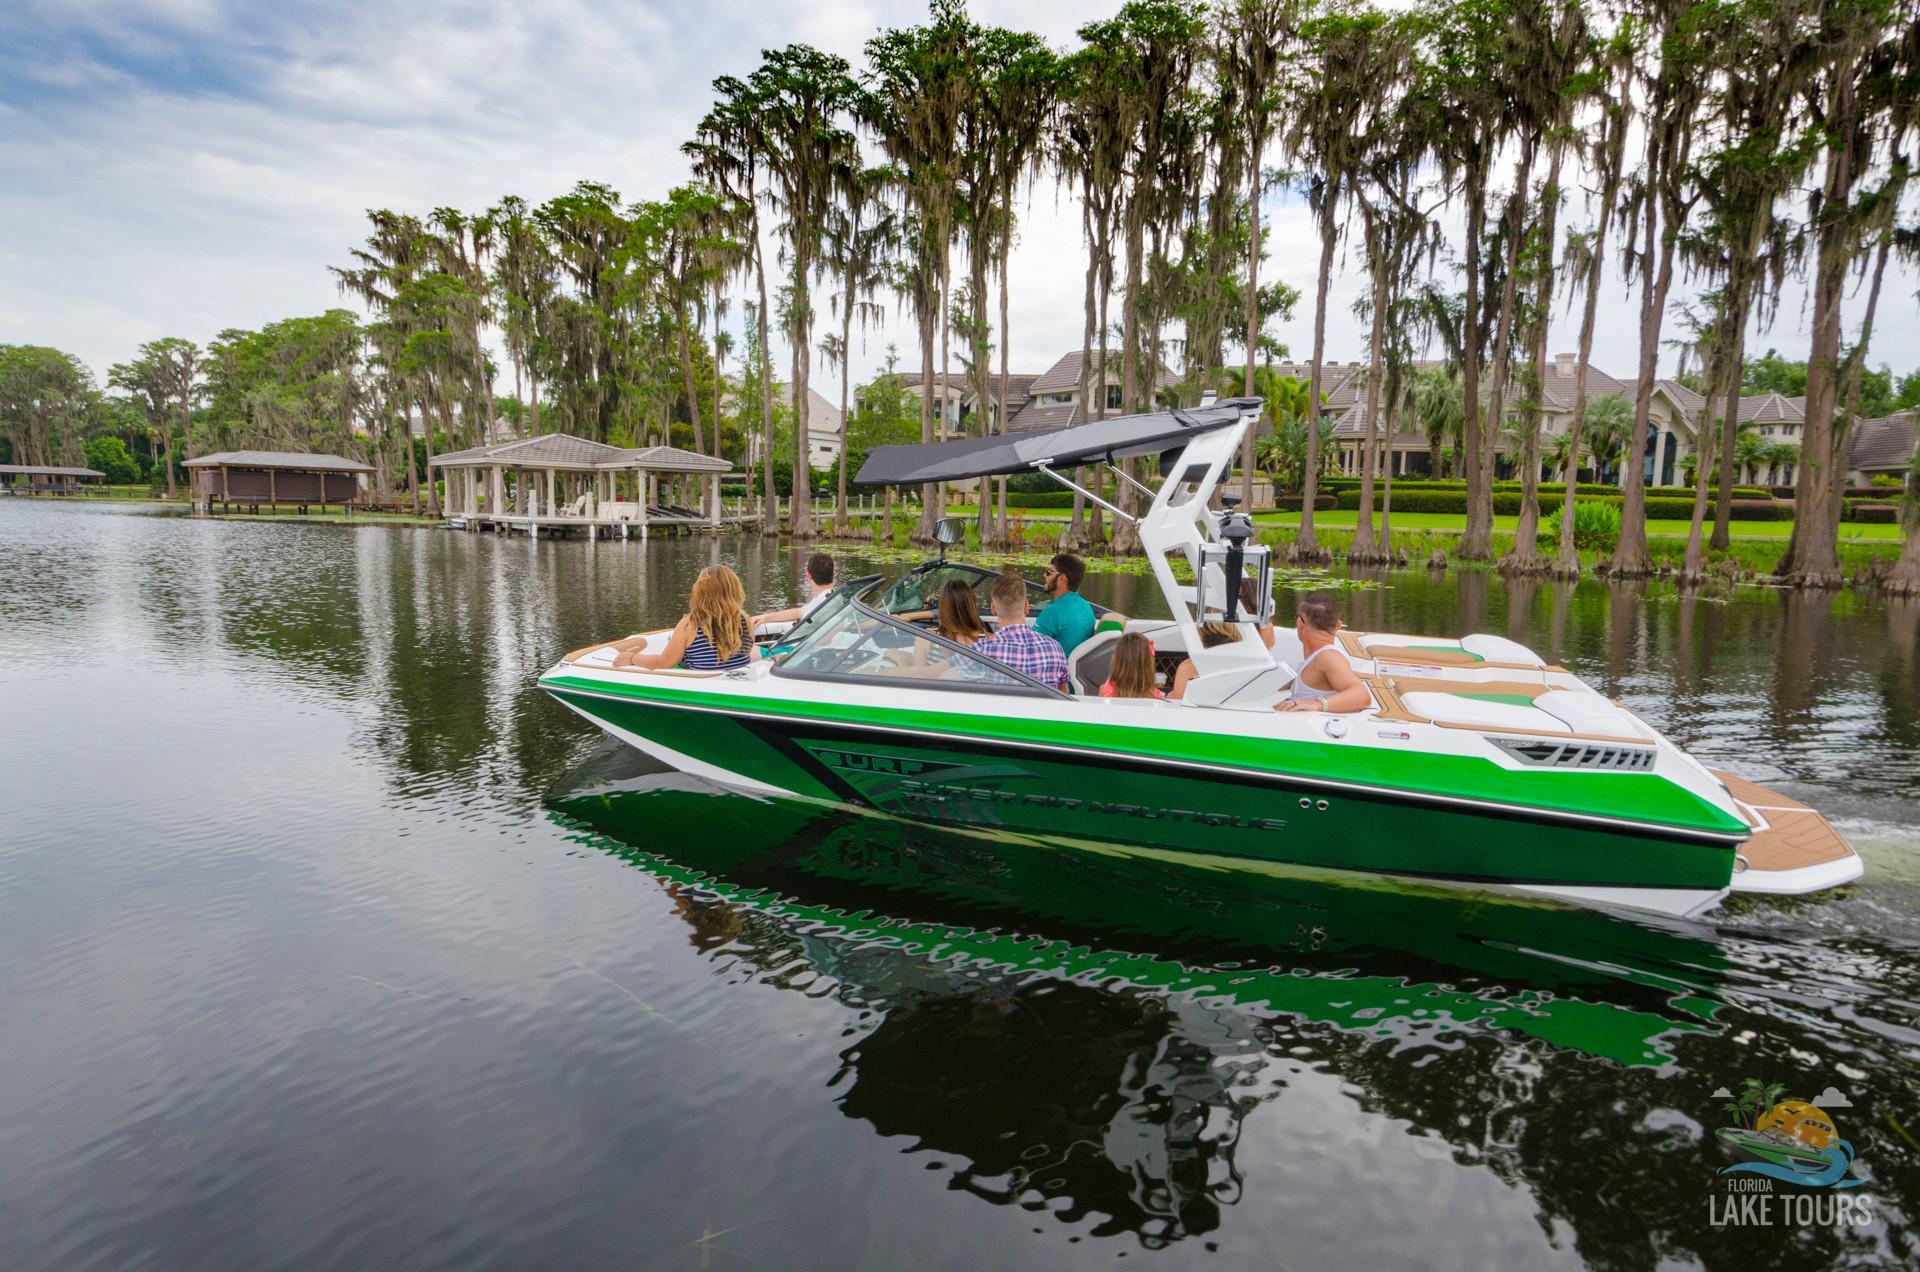 Luxury Boat Tour | Per Person